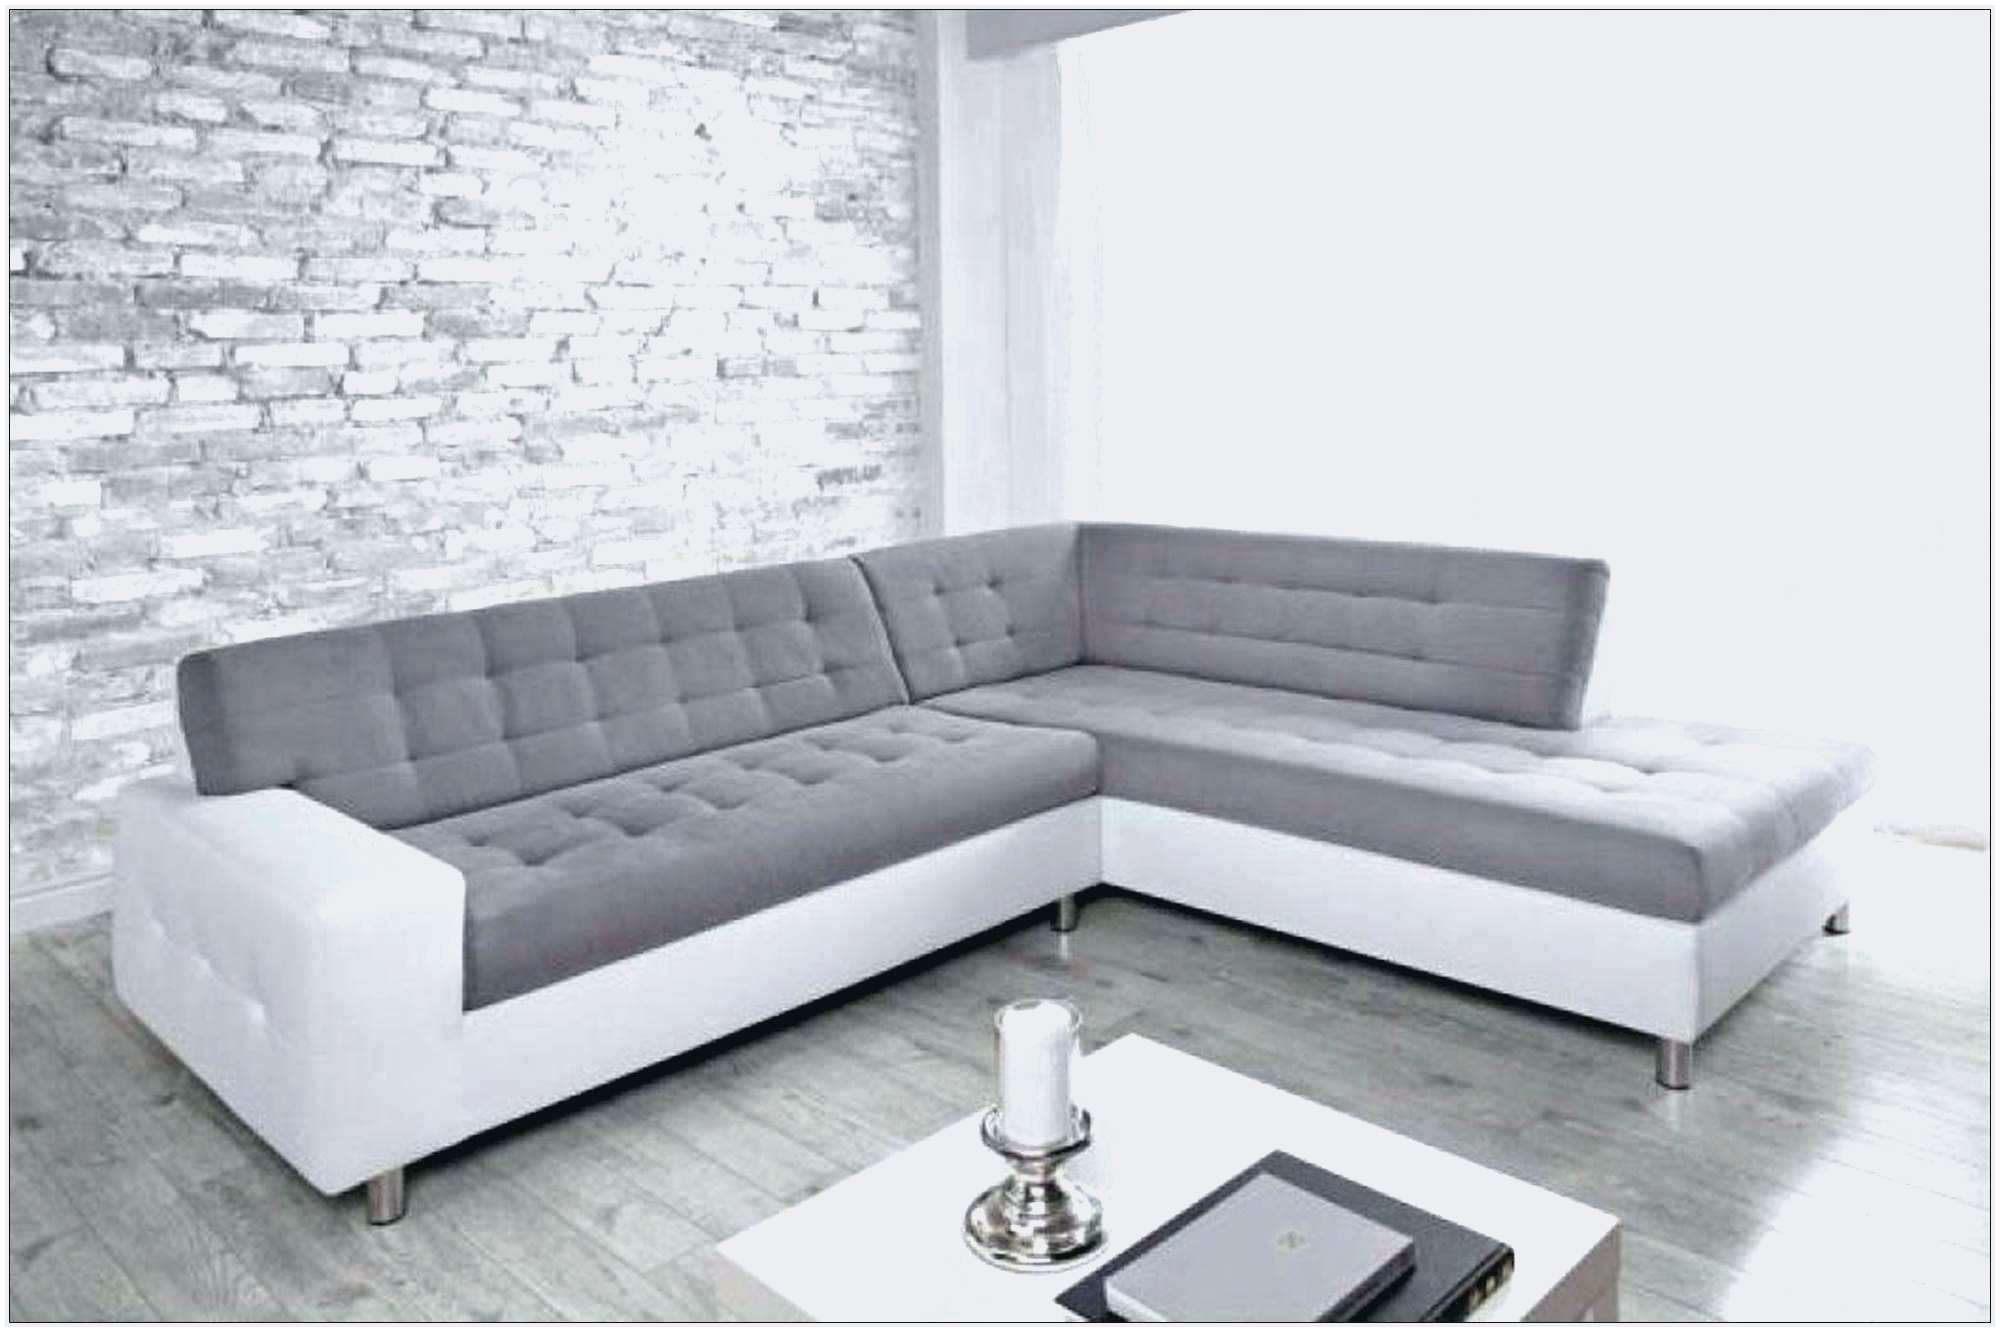 Lit Superposé Canapé Belle Frais 32 De Luxes Canapé Lit Couchage Quoti N Ikea Pour Alternative